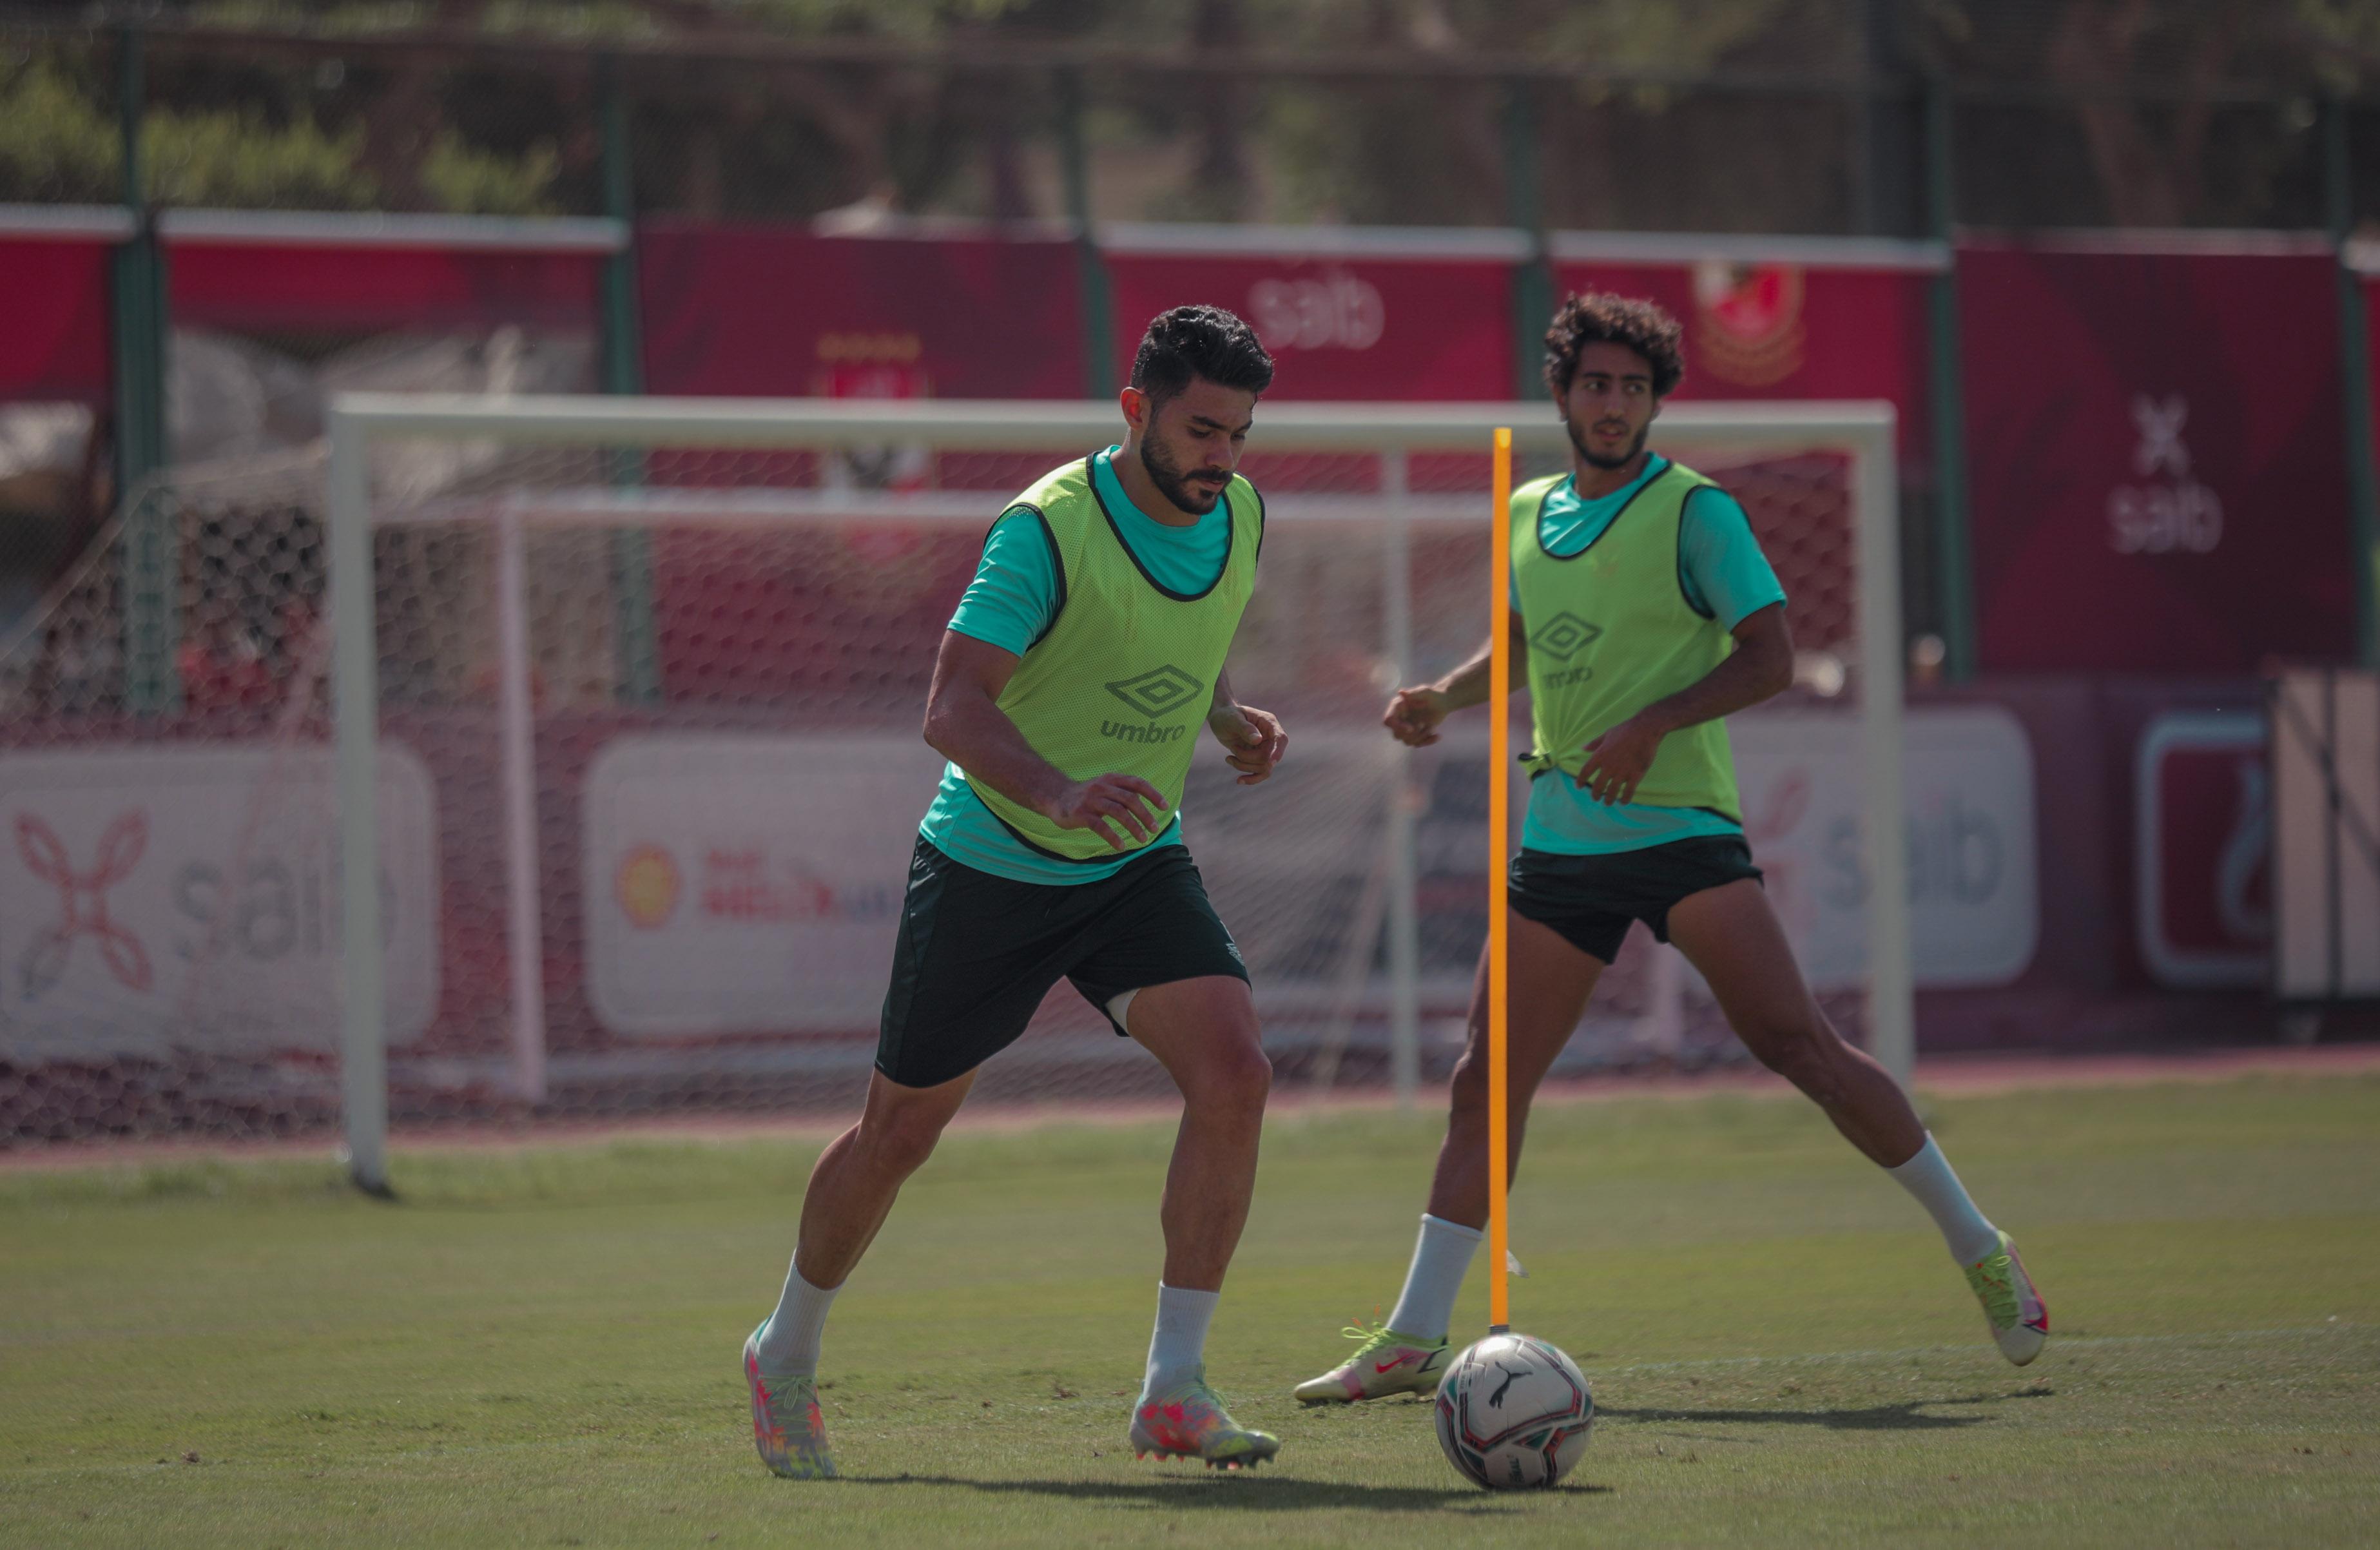 مران الأهلي| تدريبات في «الجيم» للاعبي الفريق